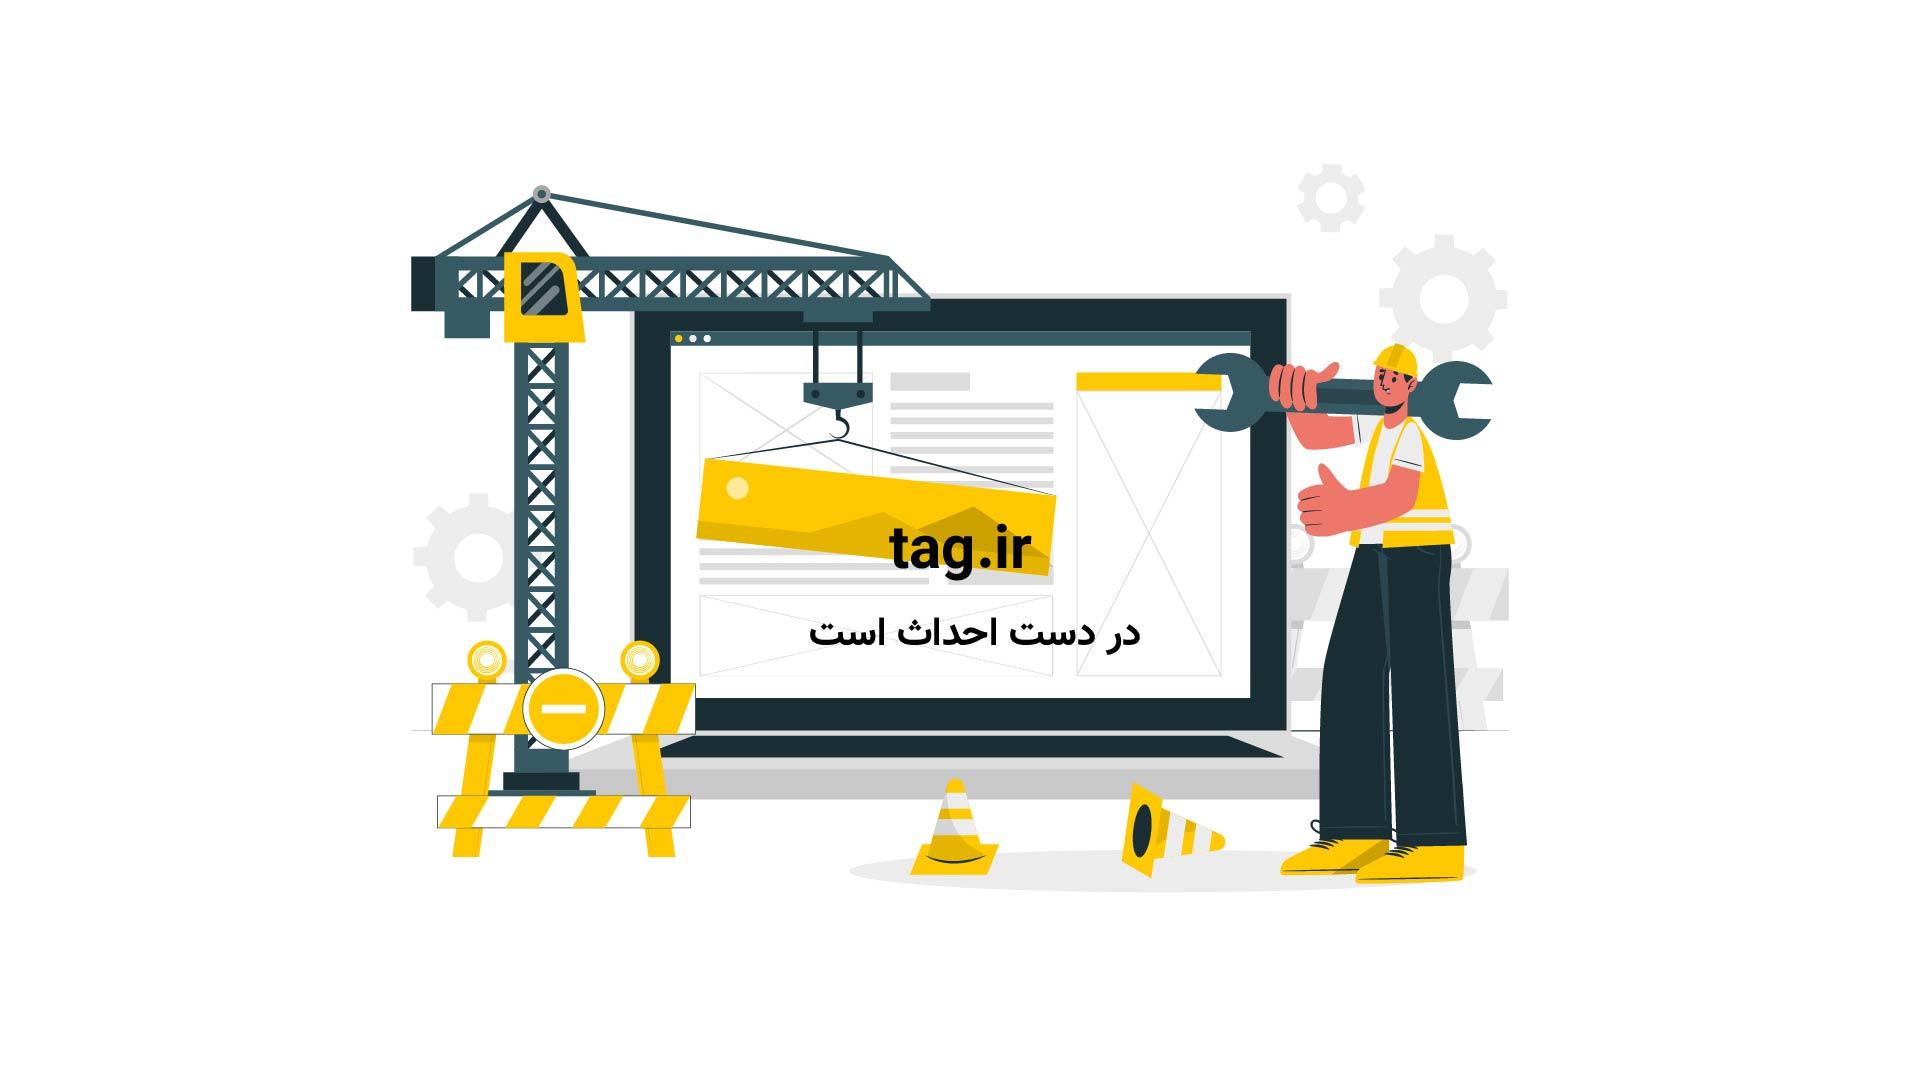 سخنرانی های تد؛ آزمایش حیرت انگیز الکتریکی با گیاهانی که میشمارند | فیلم